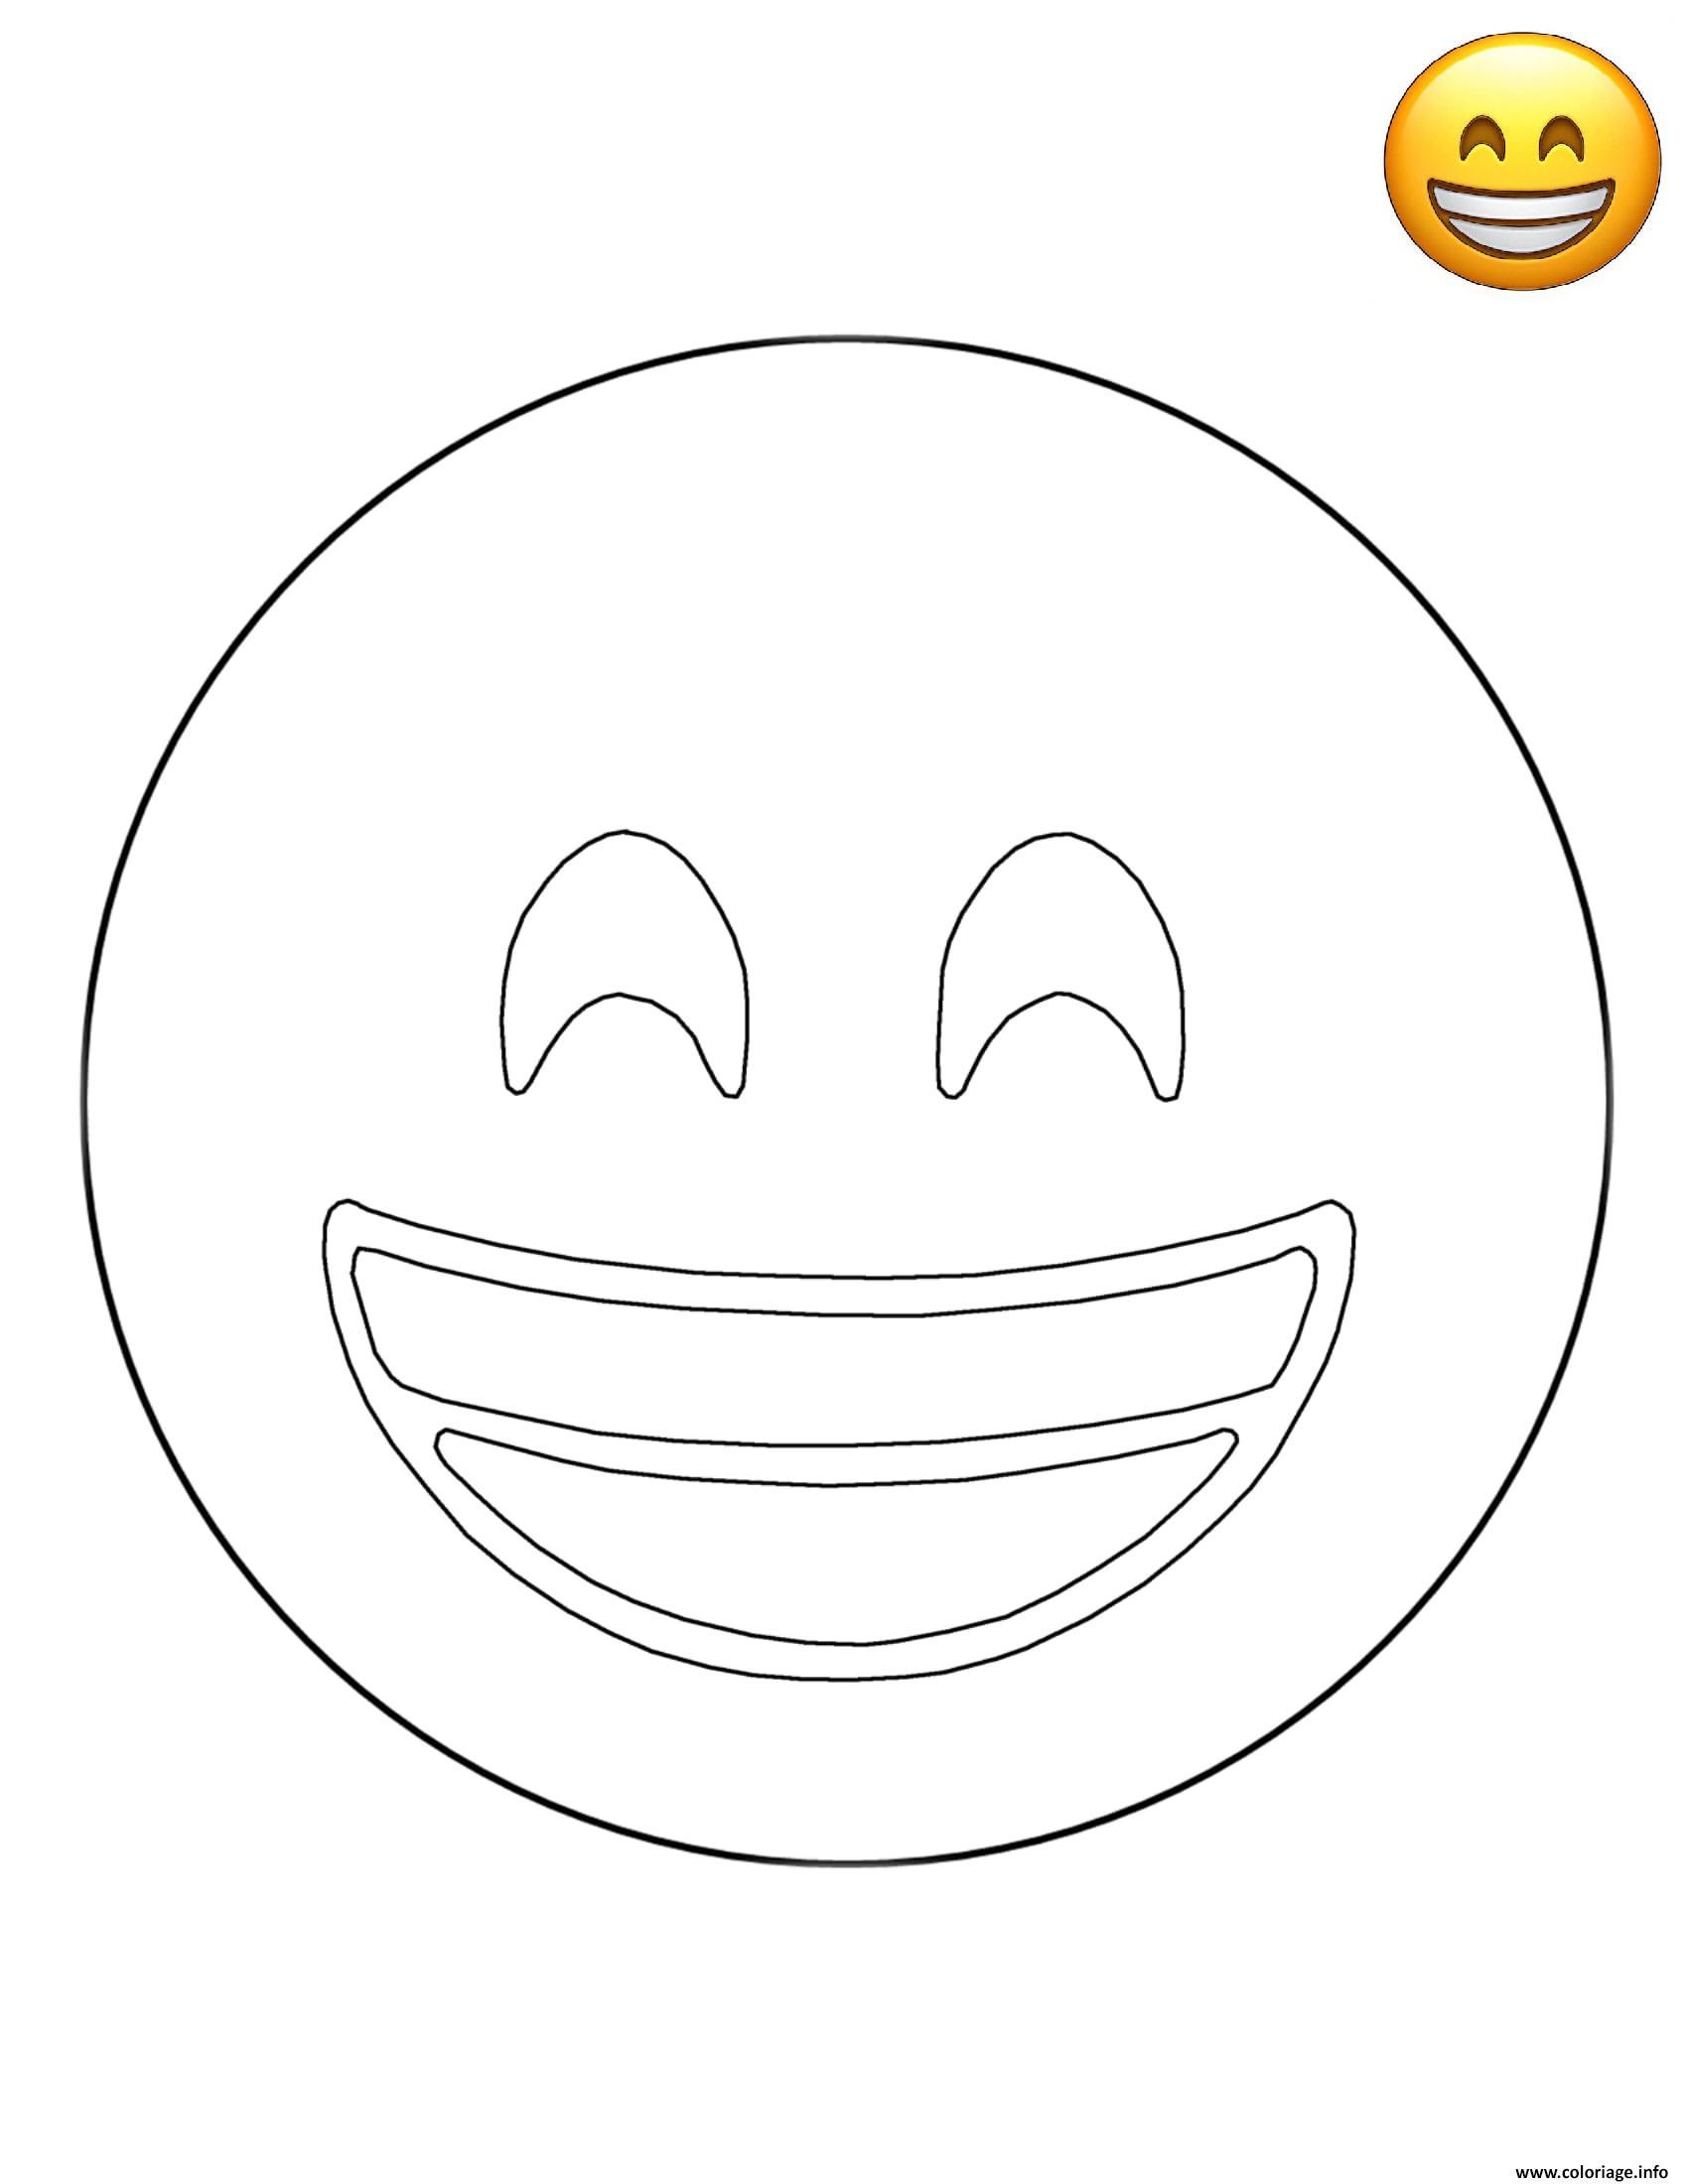 Coloriage emoji grinning smile smiley - Smiley a imprimer ...